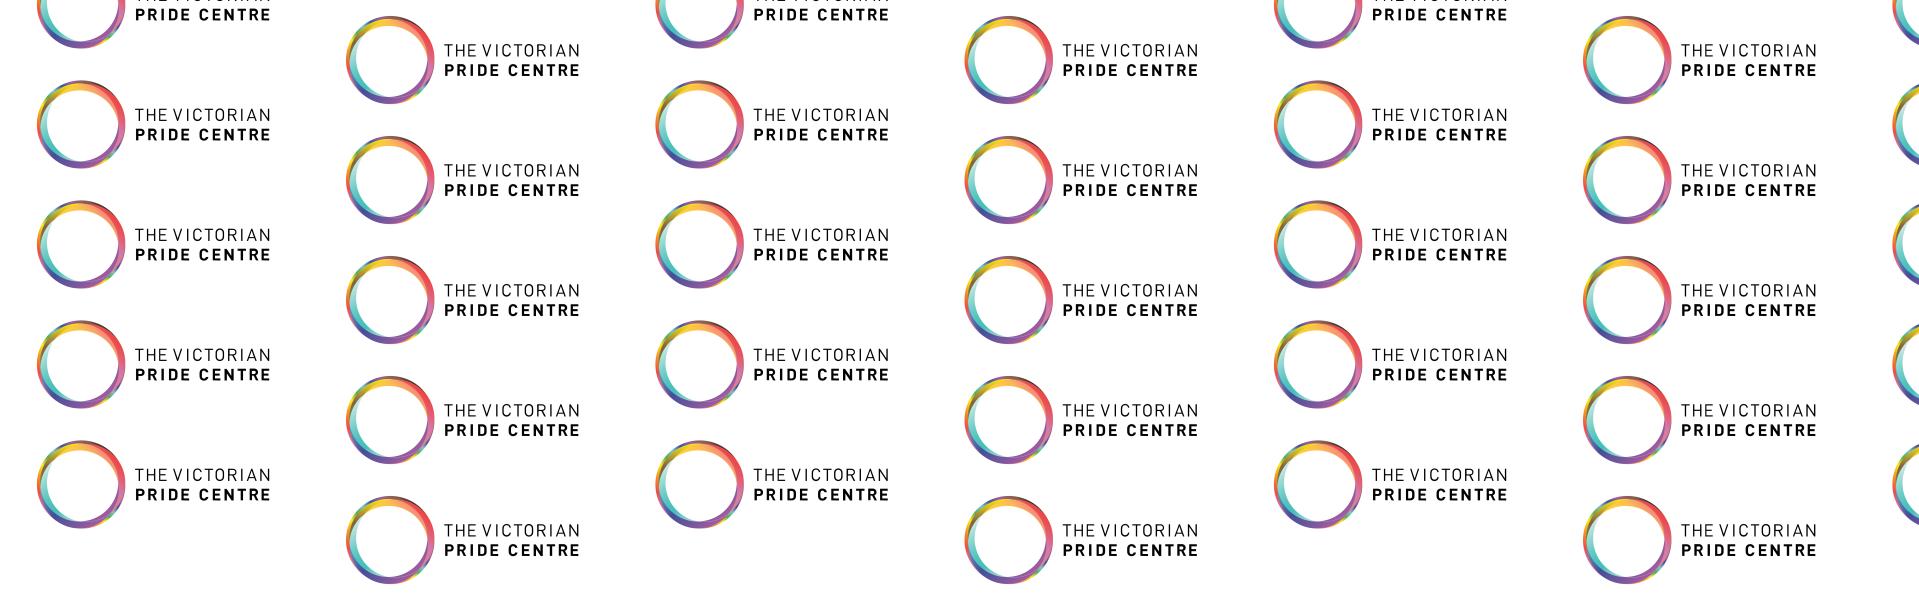 Victorian Pride Centre Logo